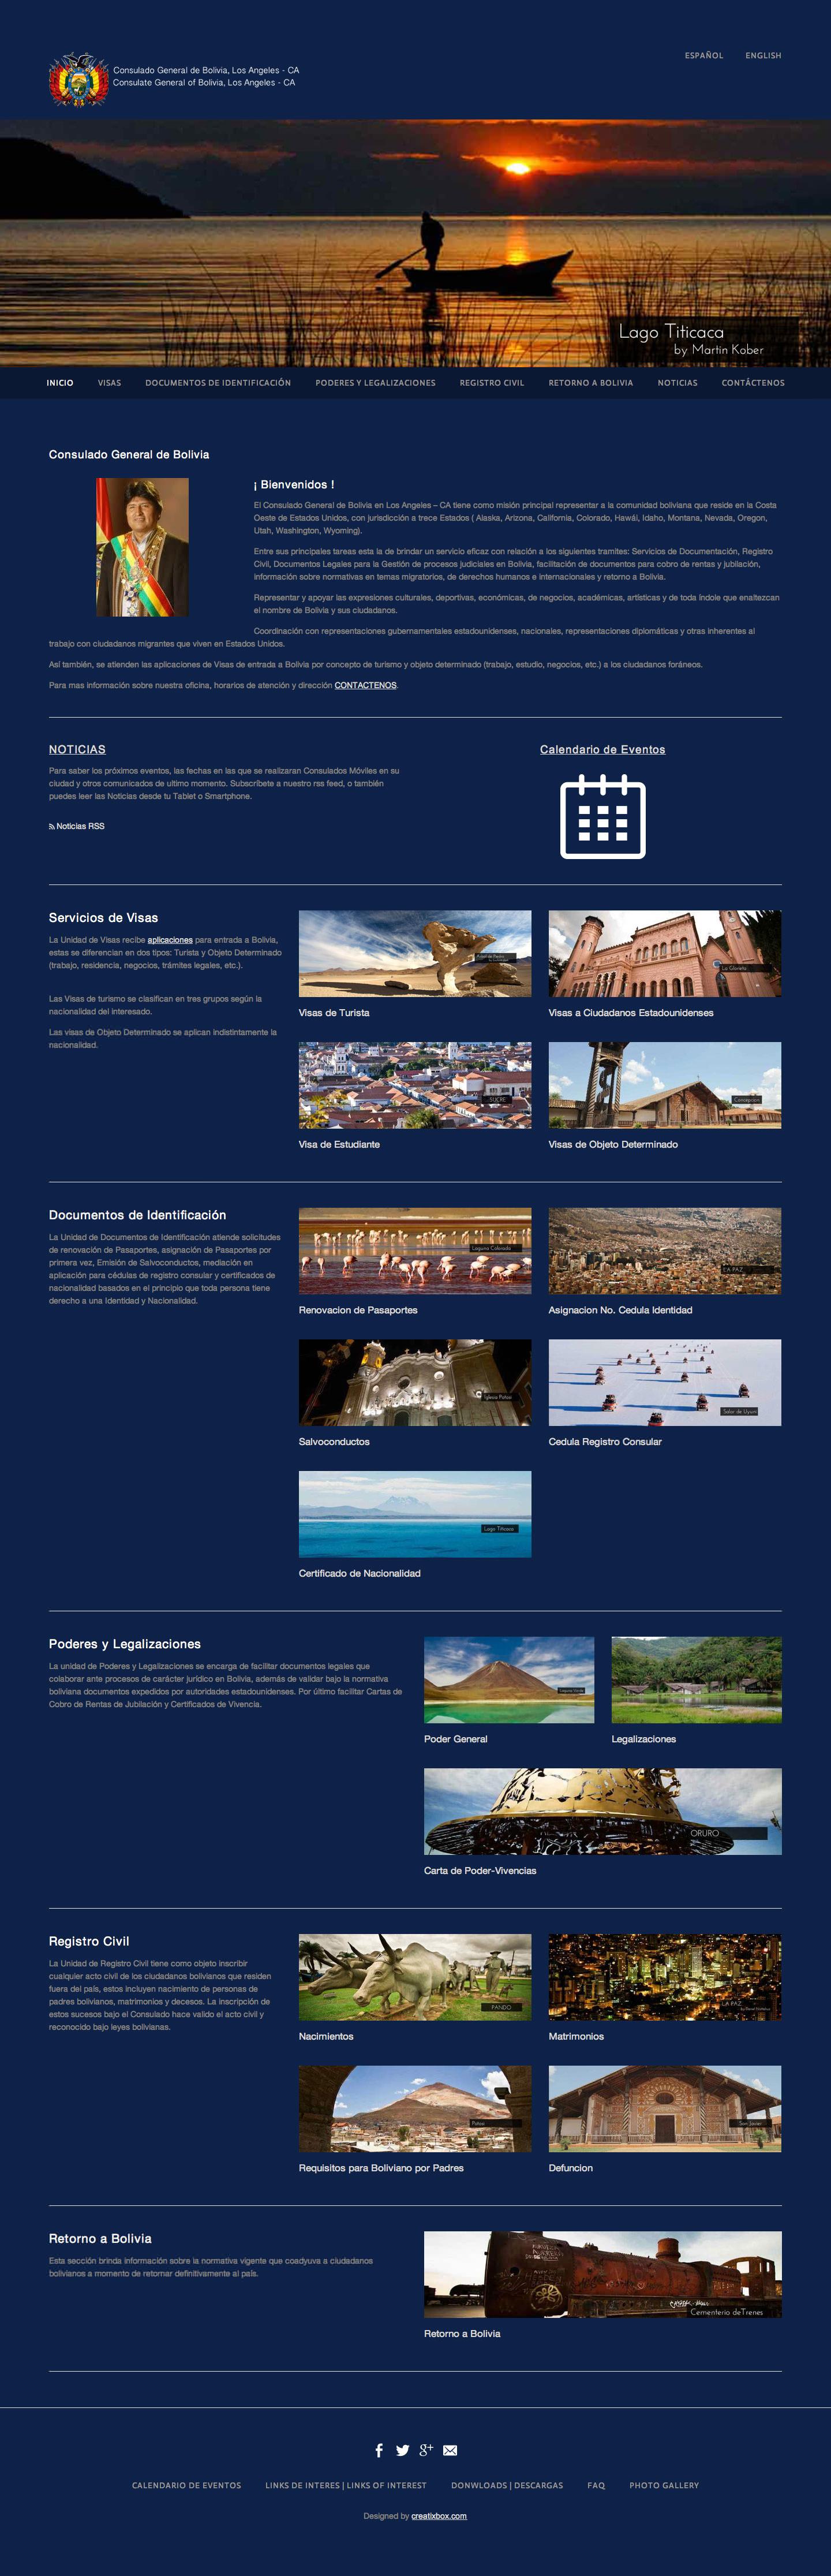 Consulado-de-Bolivia-en-Los-Angeles.jpg